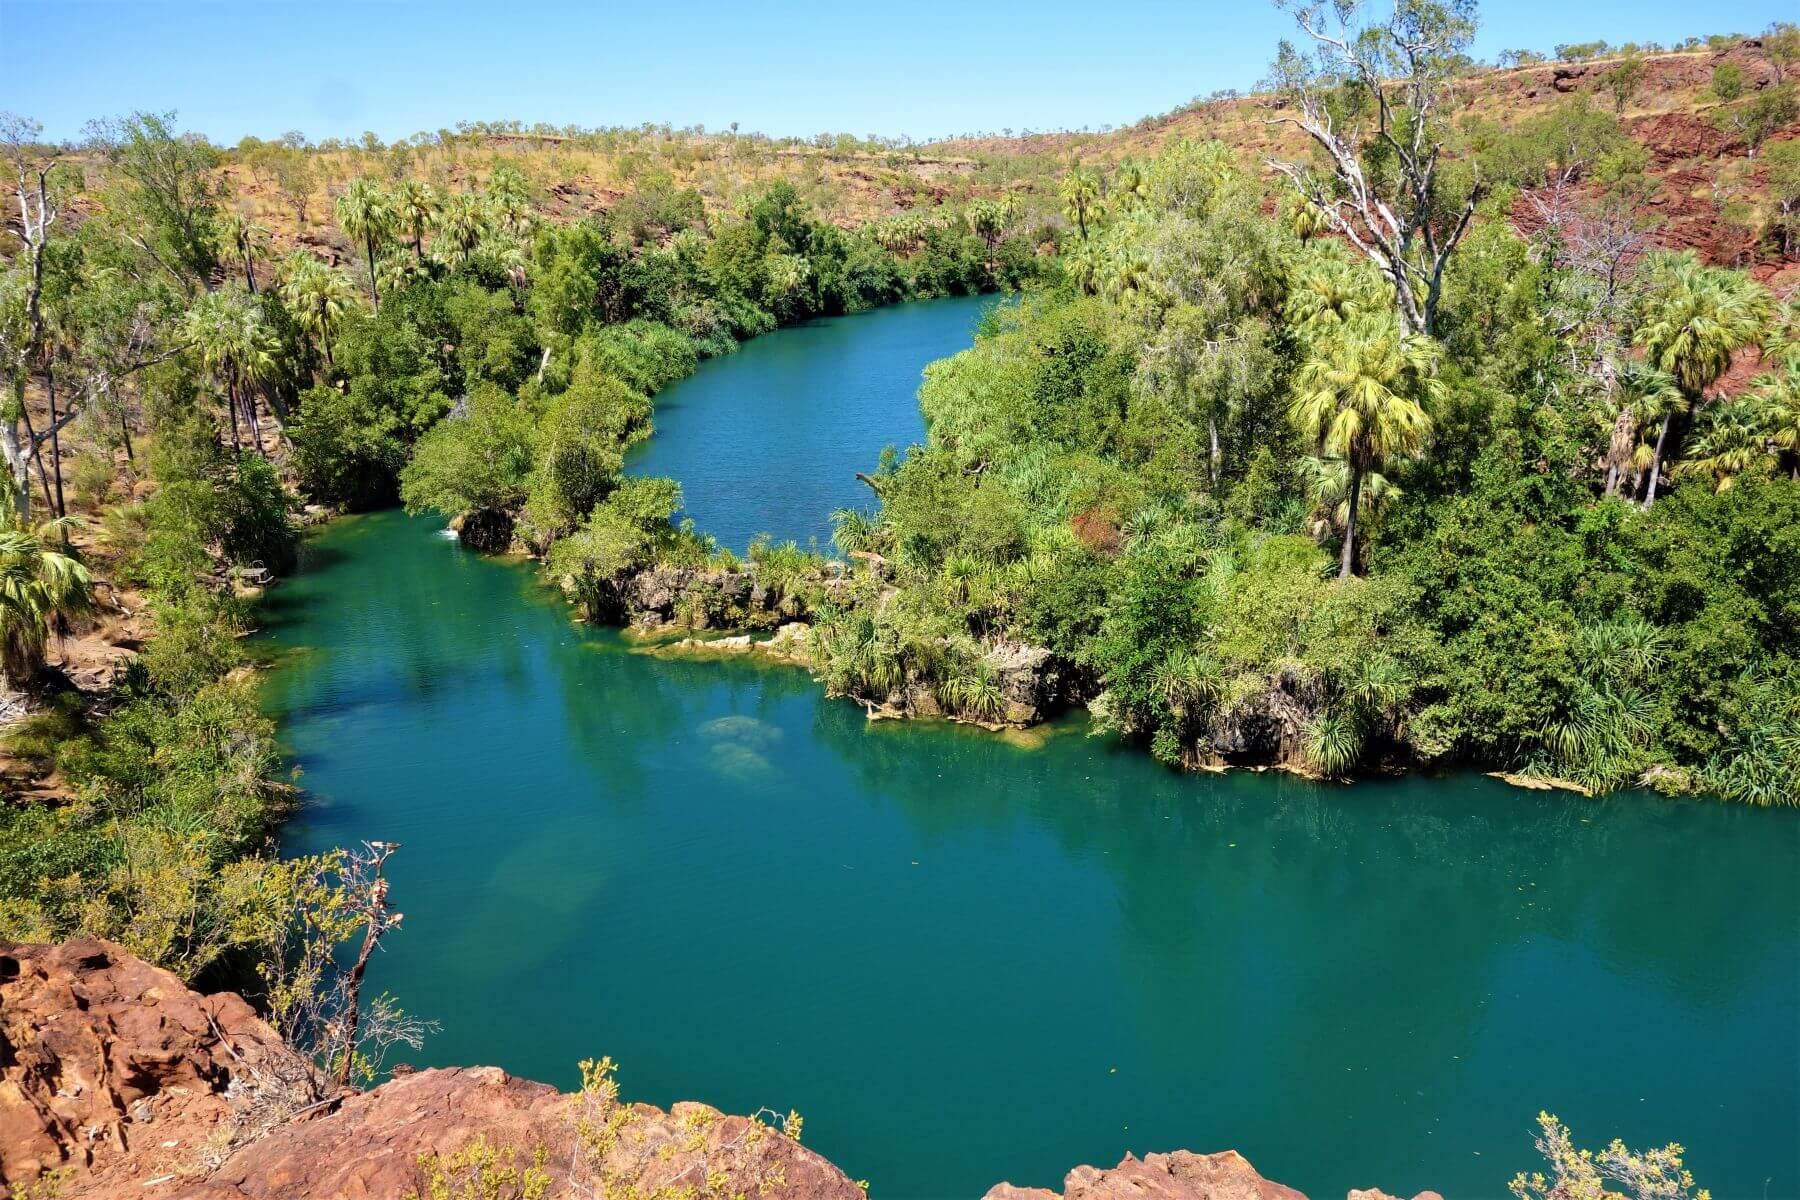 Türkisblauer Fluss Lawn Hill - Top Sehenswürdigkeit in Queensland